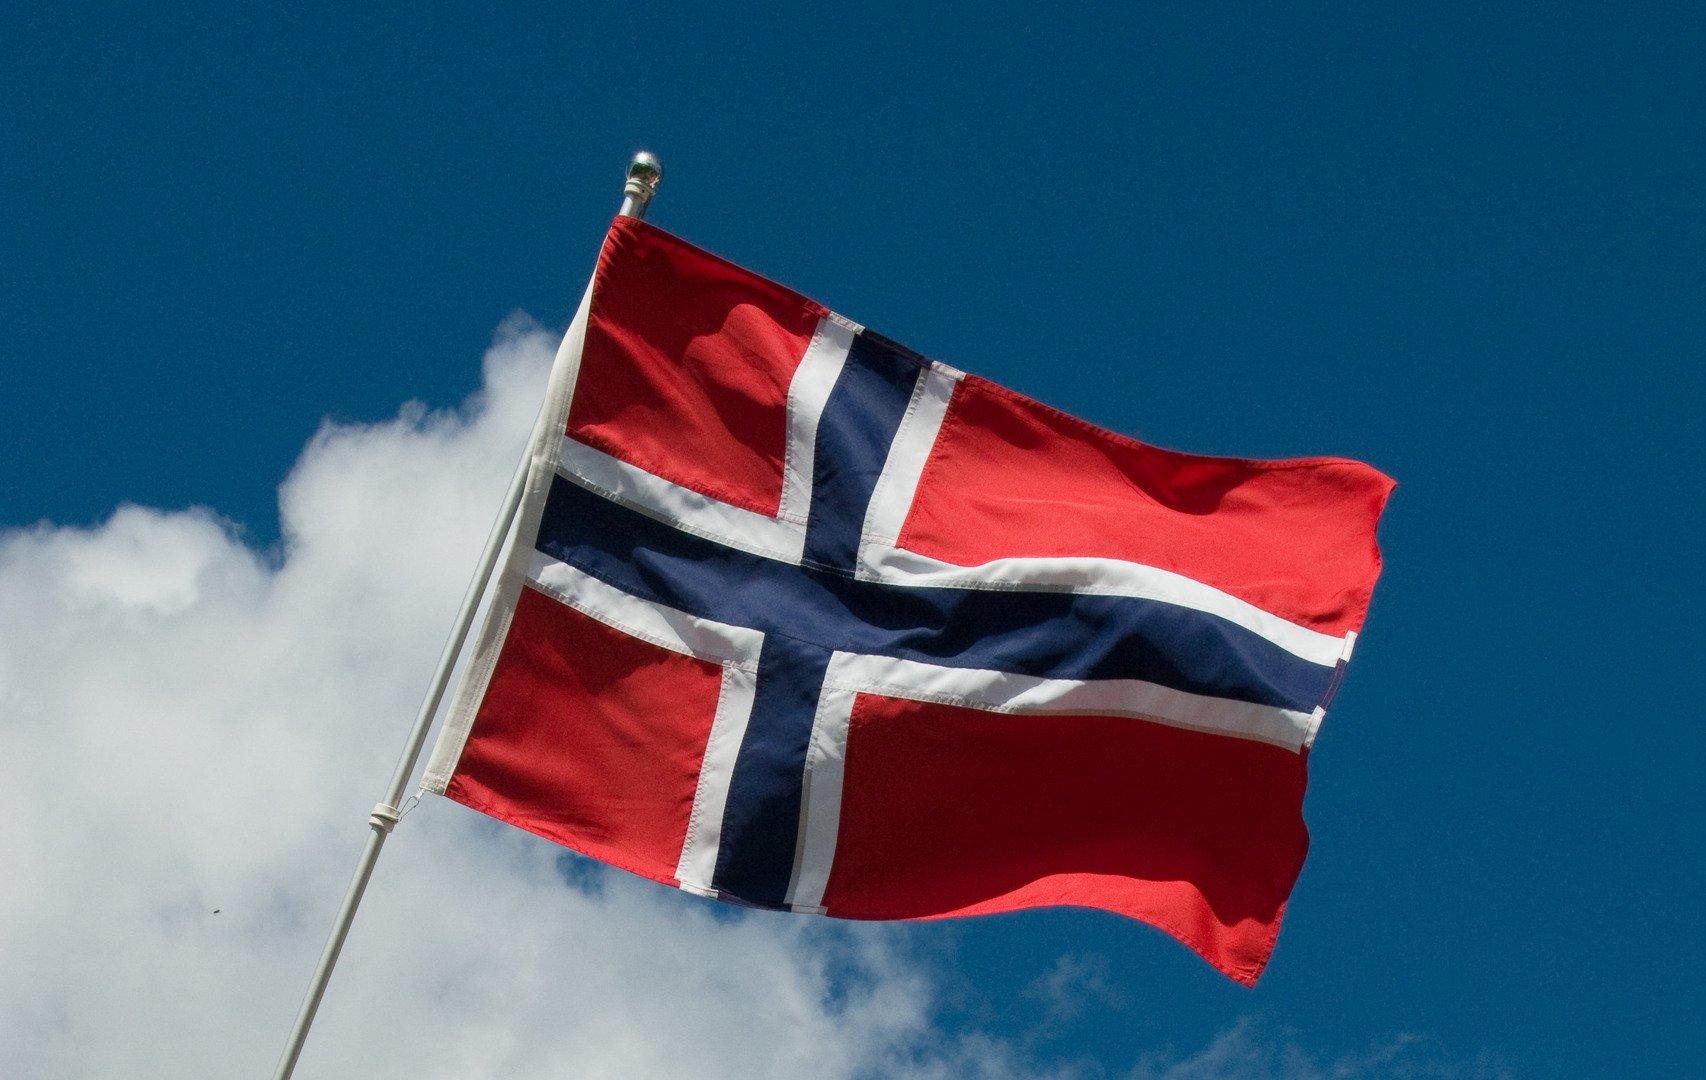 Туристическая Норвегия: что посмотреть и как отдохнуть